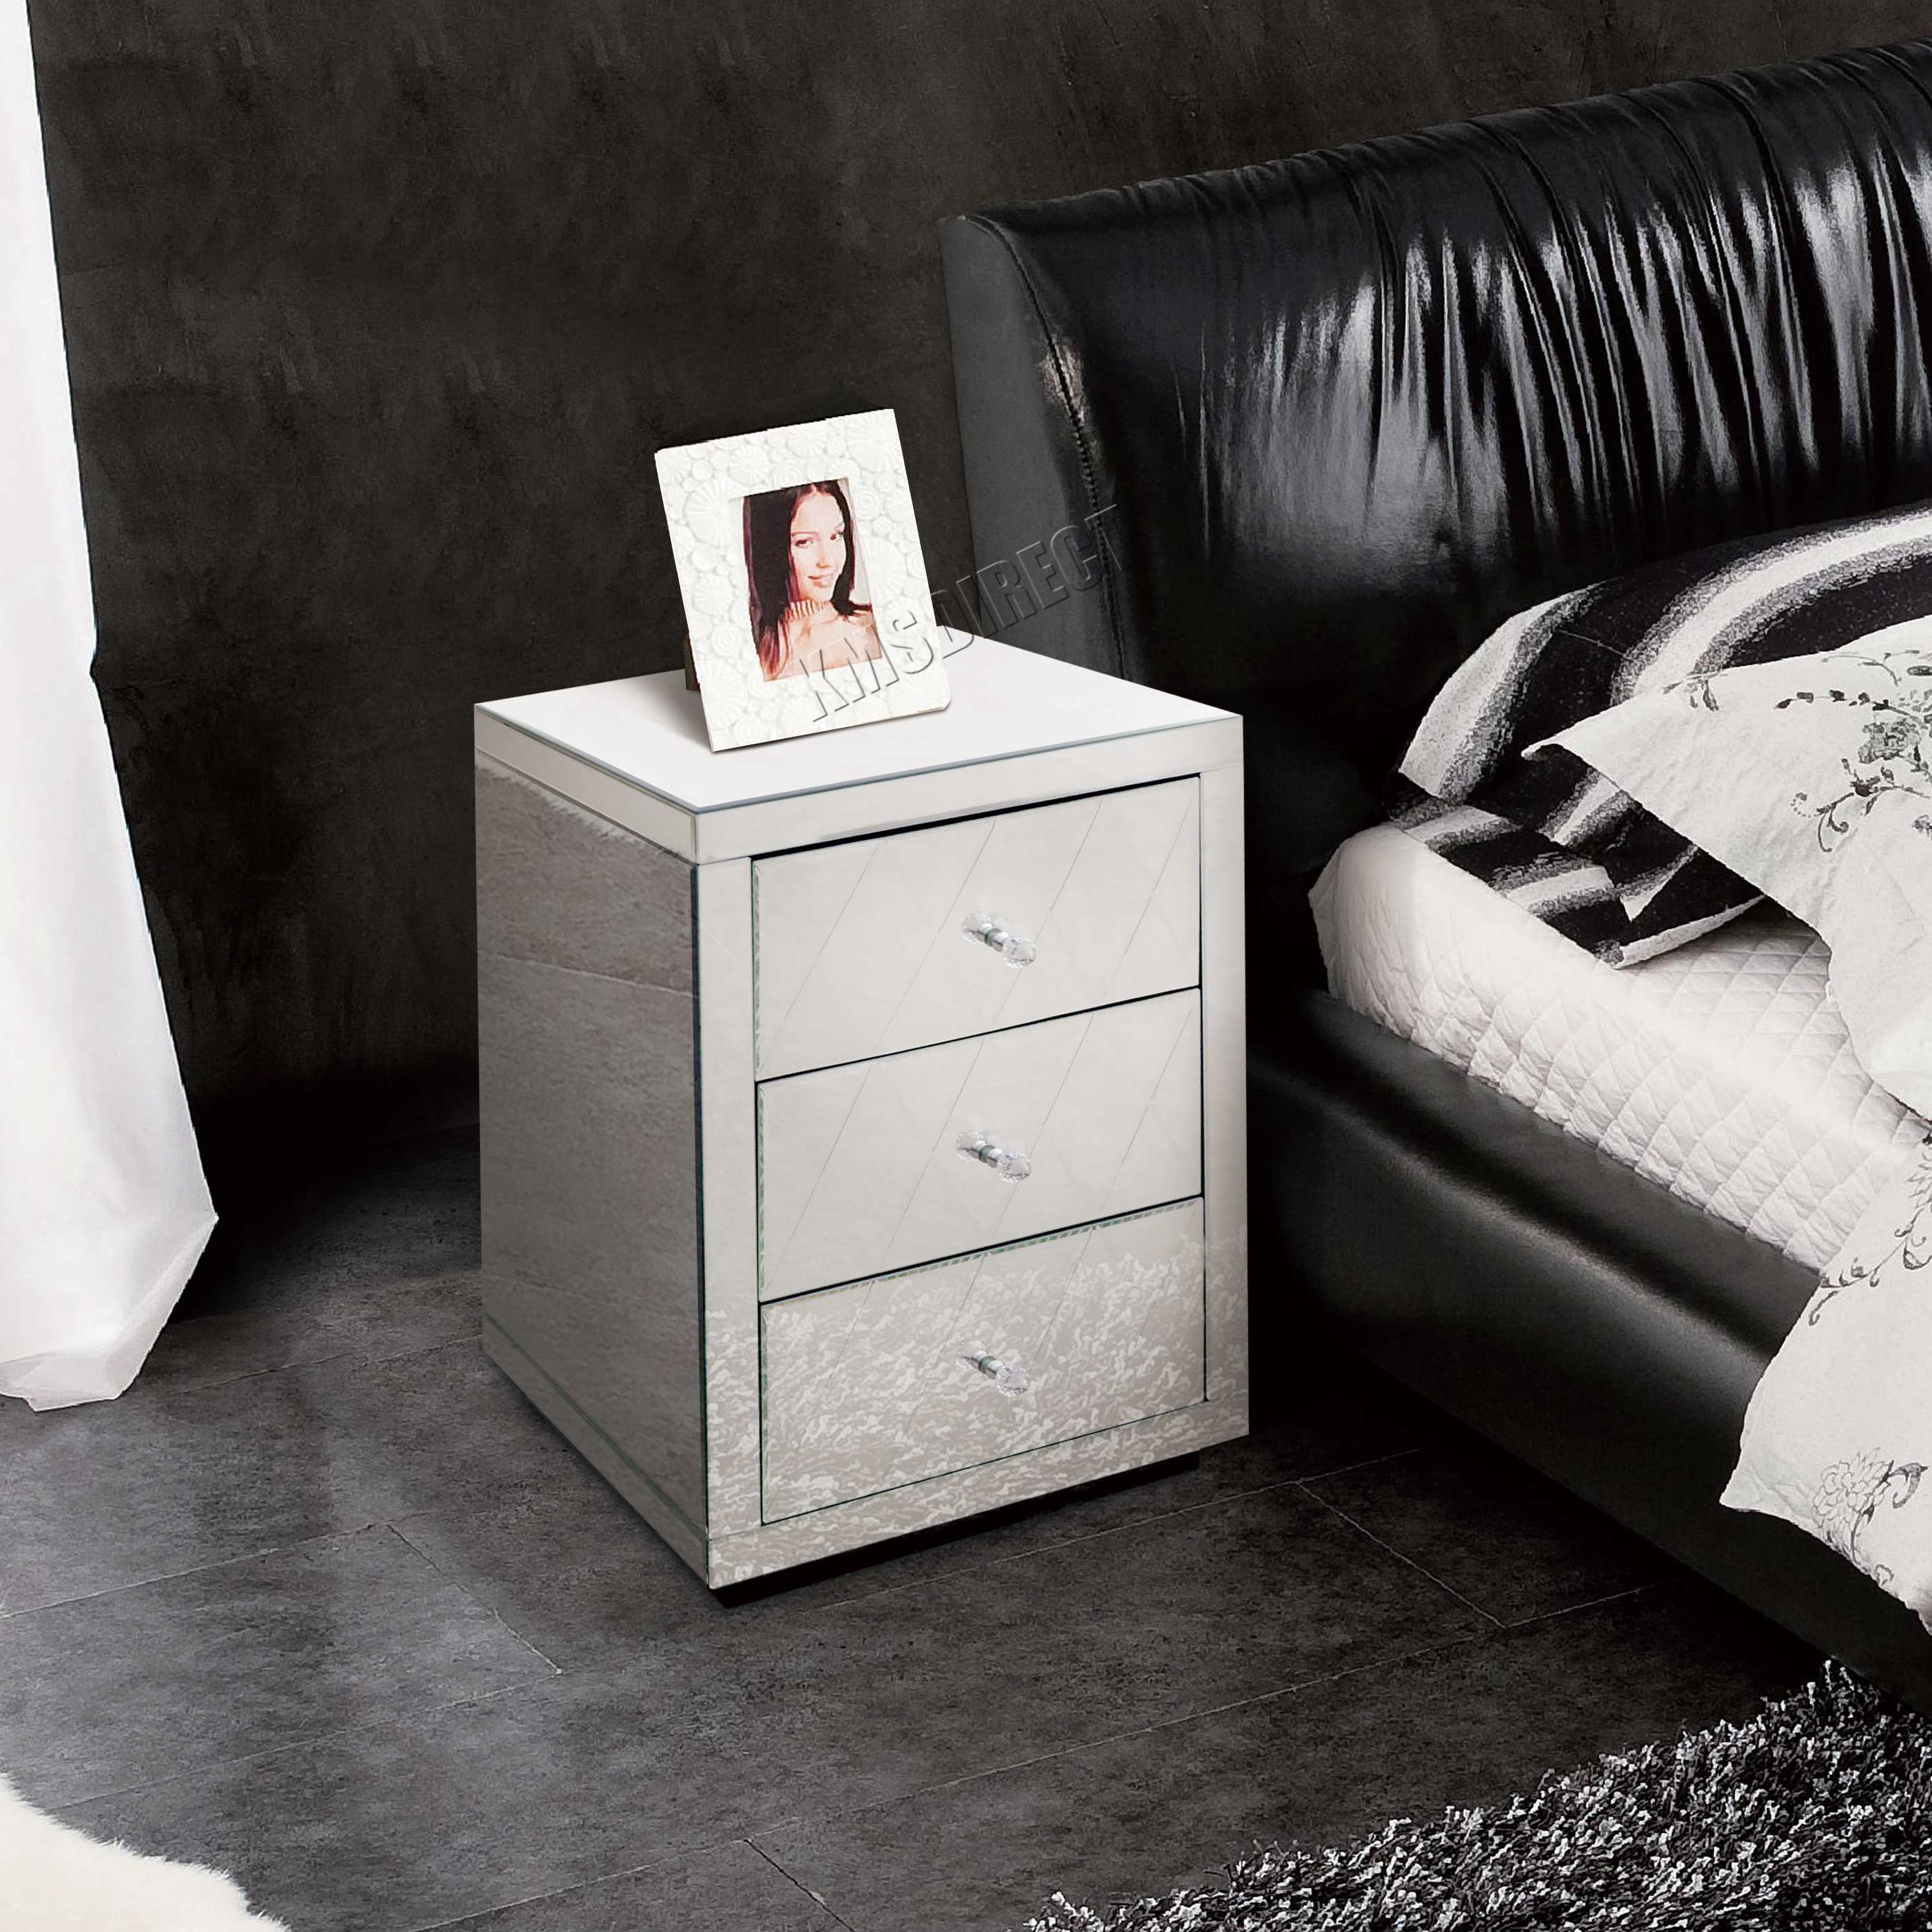 foxhunter verspiegelt m bel glas nachttisch tisch mit kommode schlafzimmer neu ebay. Black Bedroom Furniture Sets. Home Design Ideas